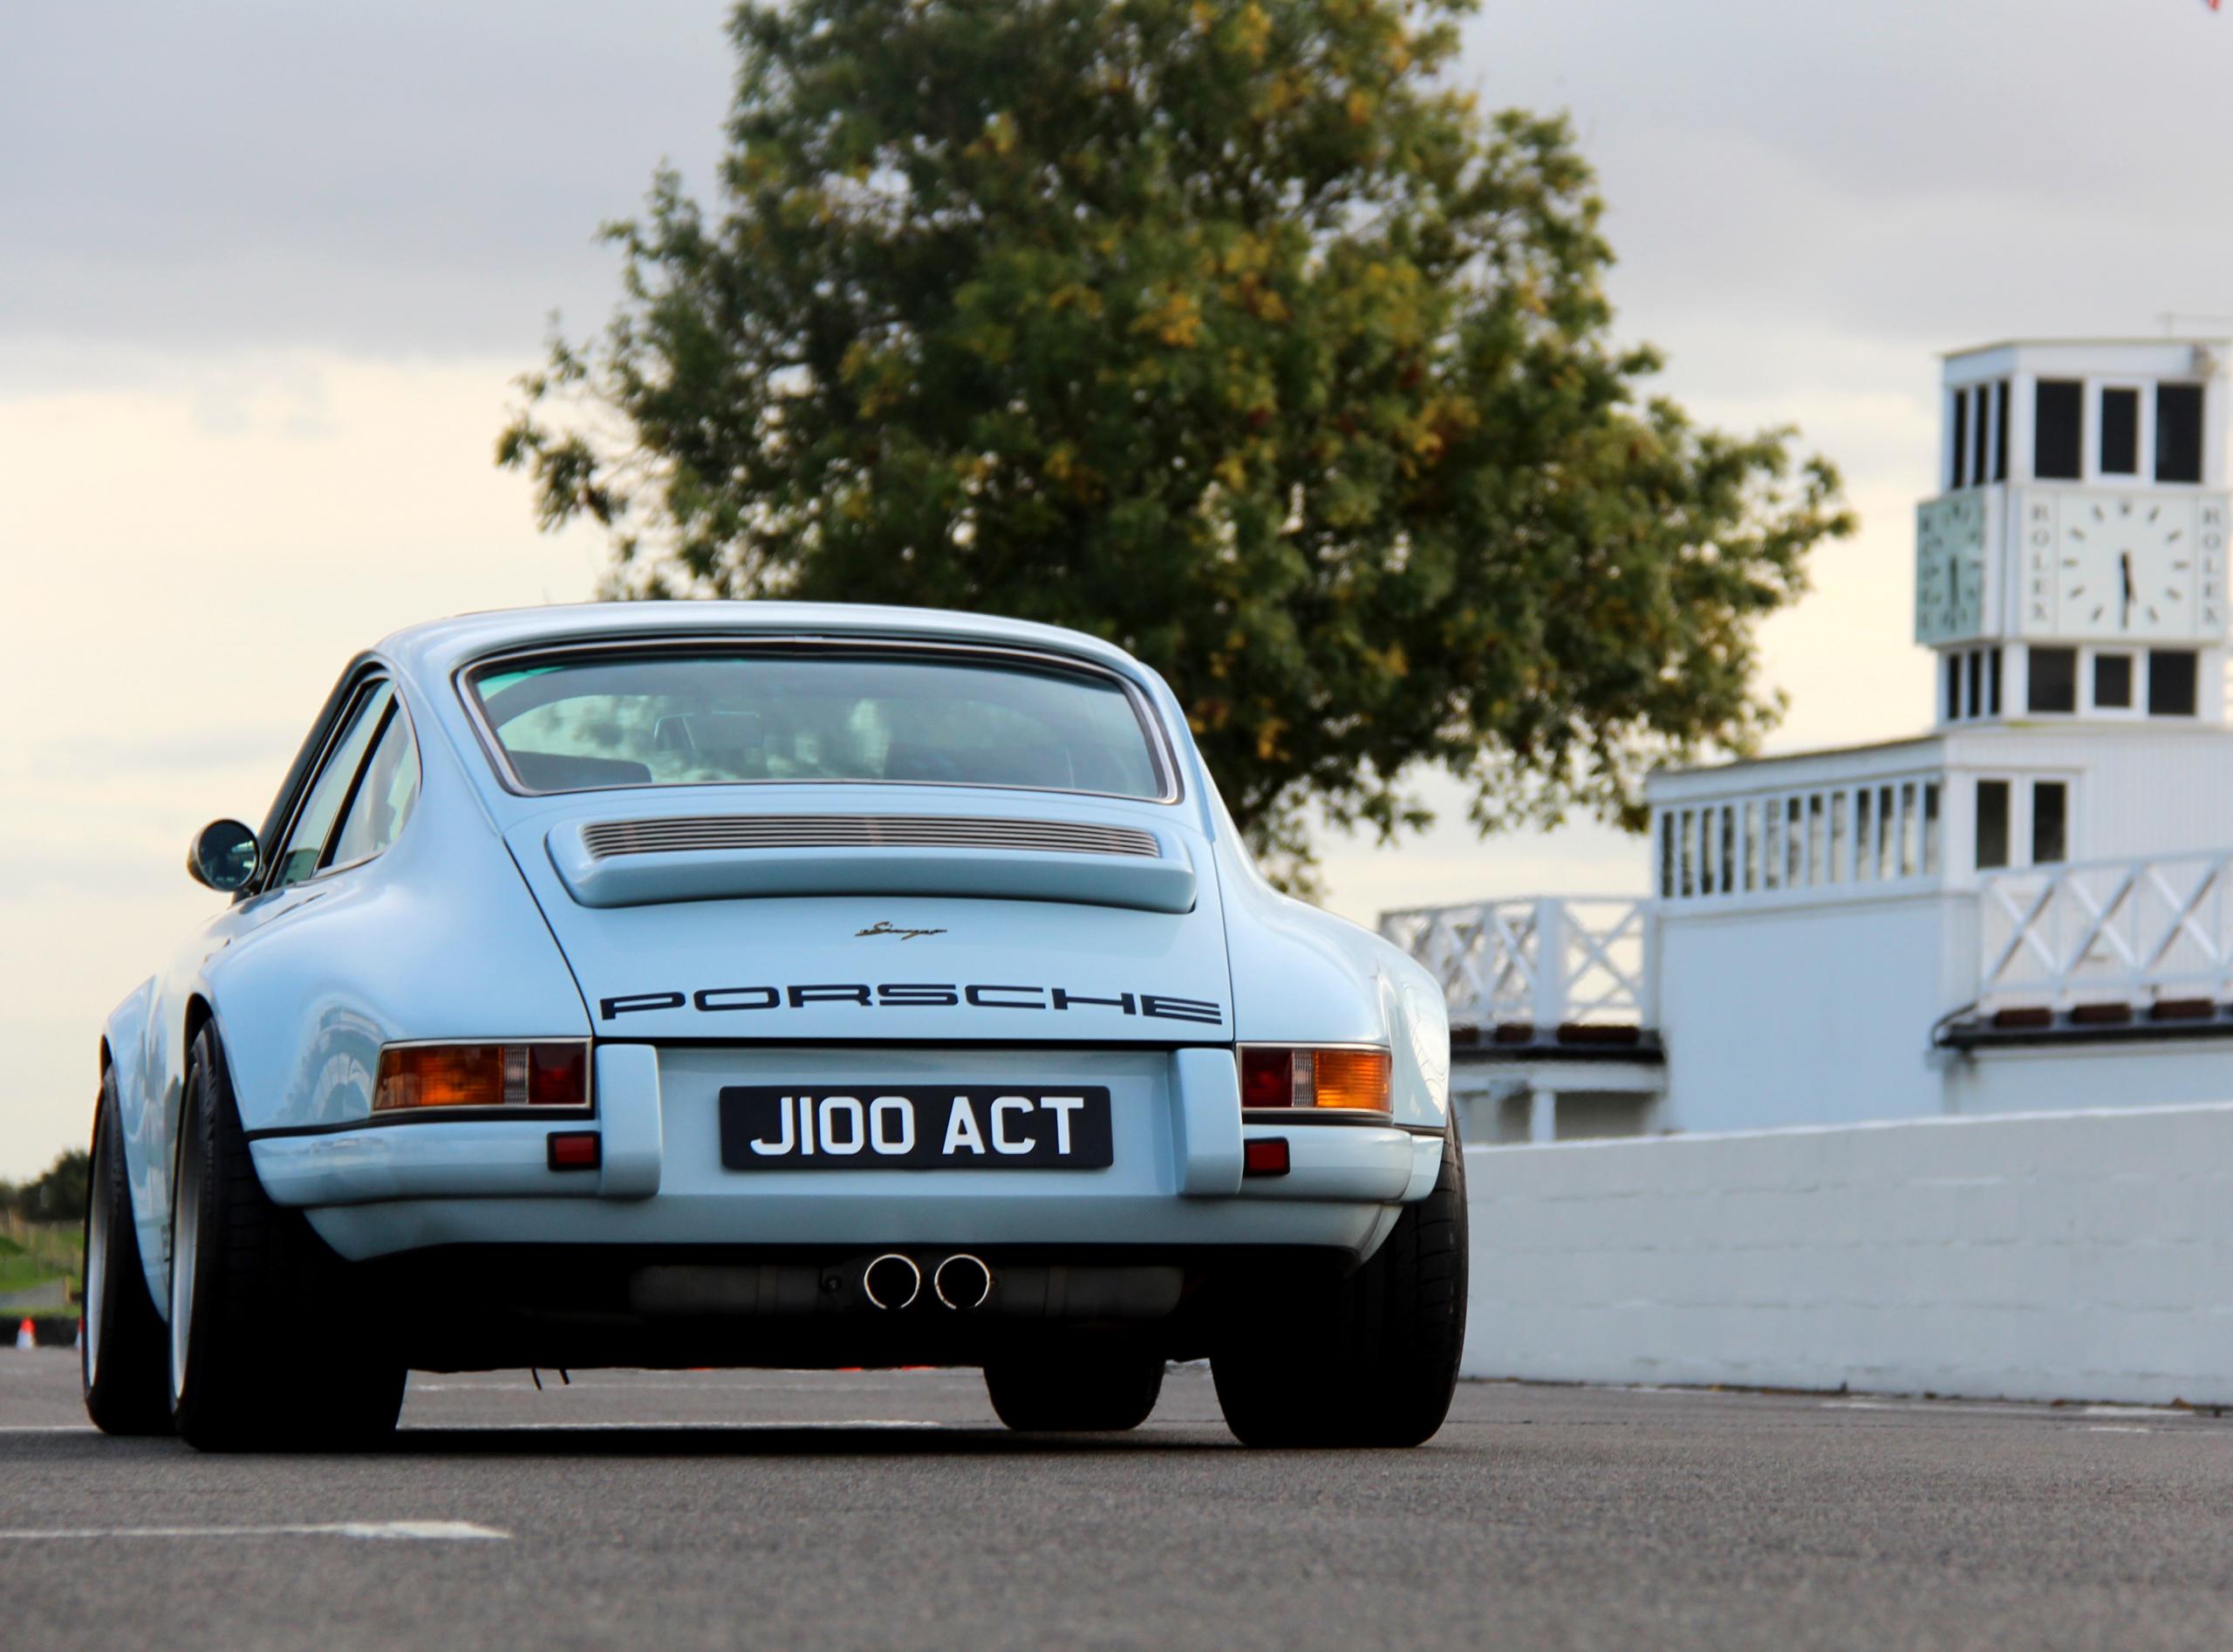 Porsche 911 by Singer Dorset Goodwood rear